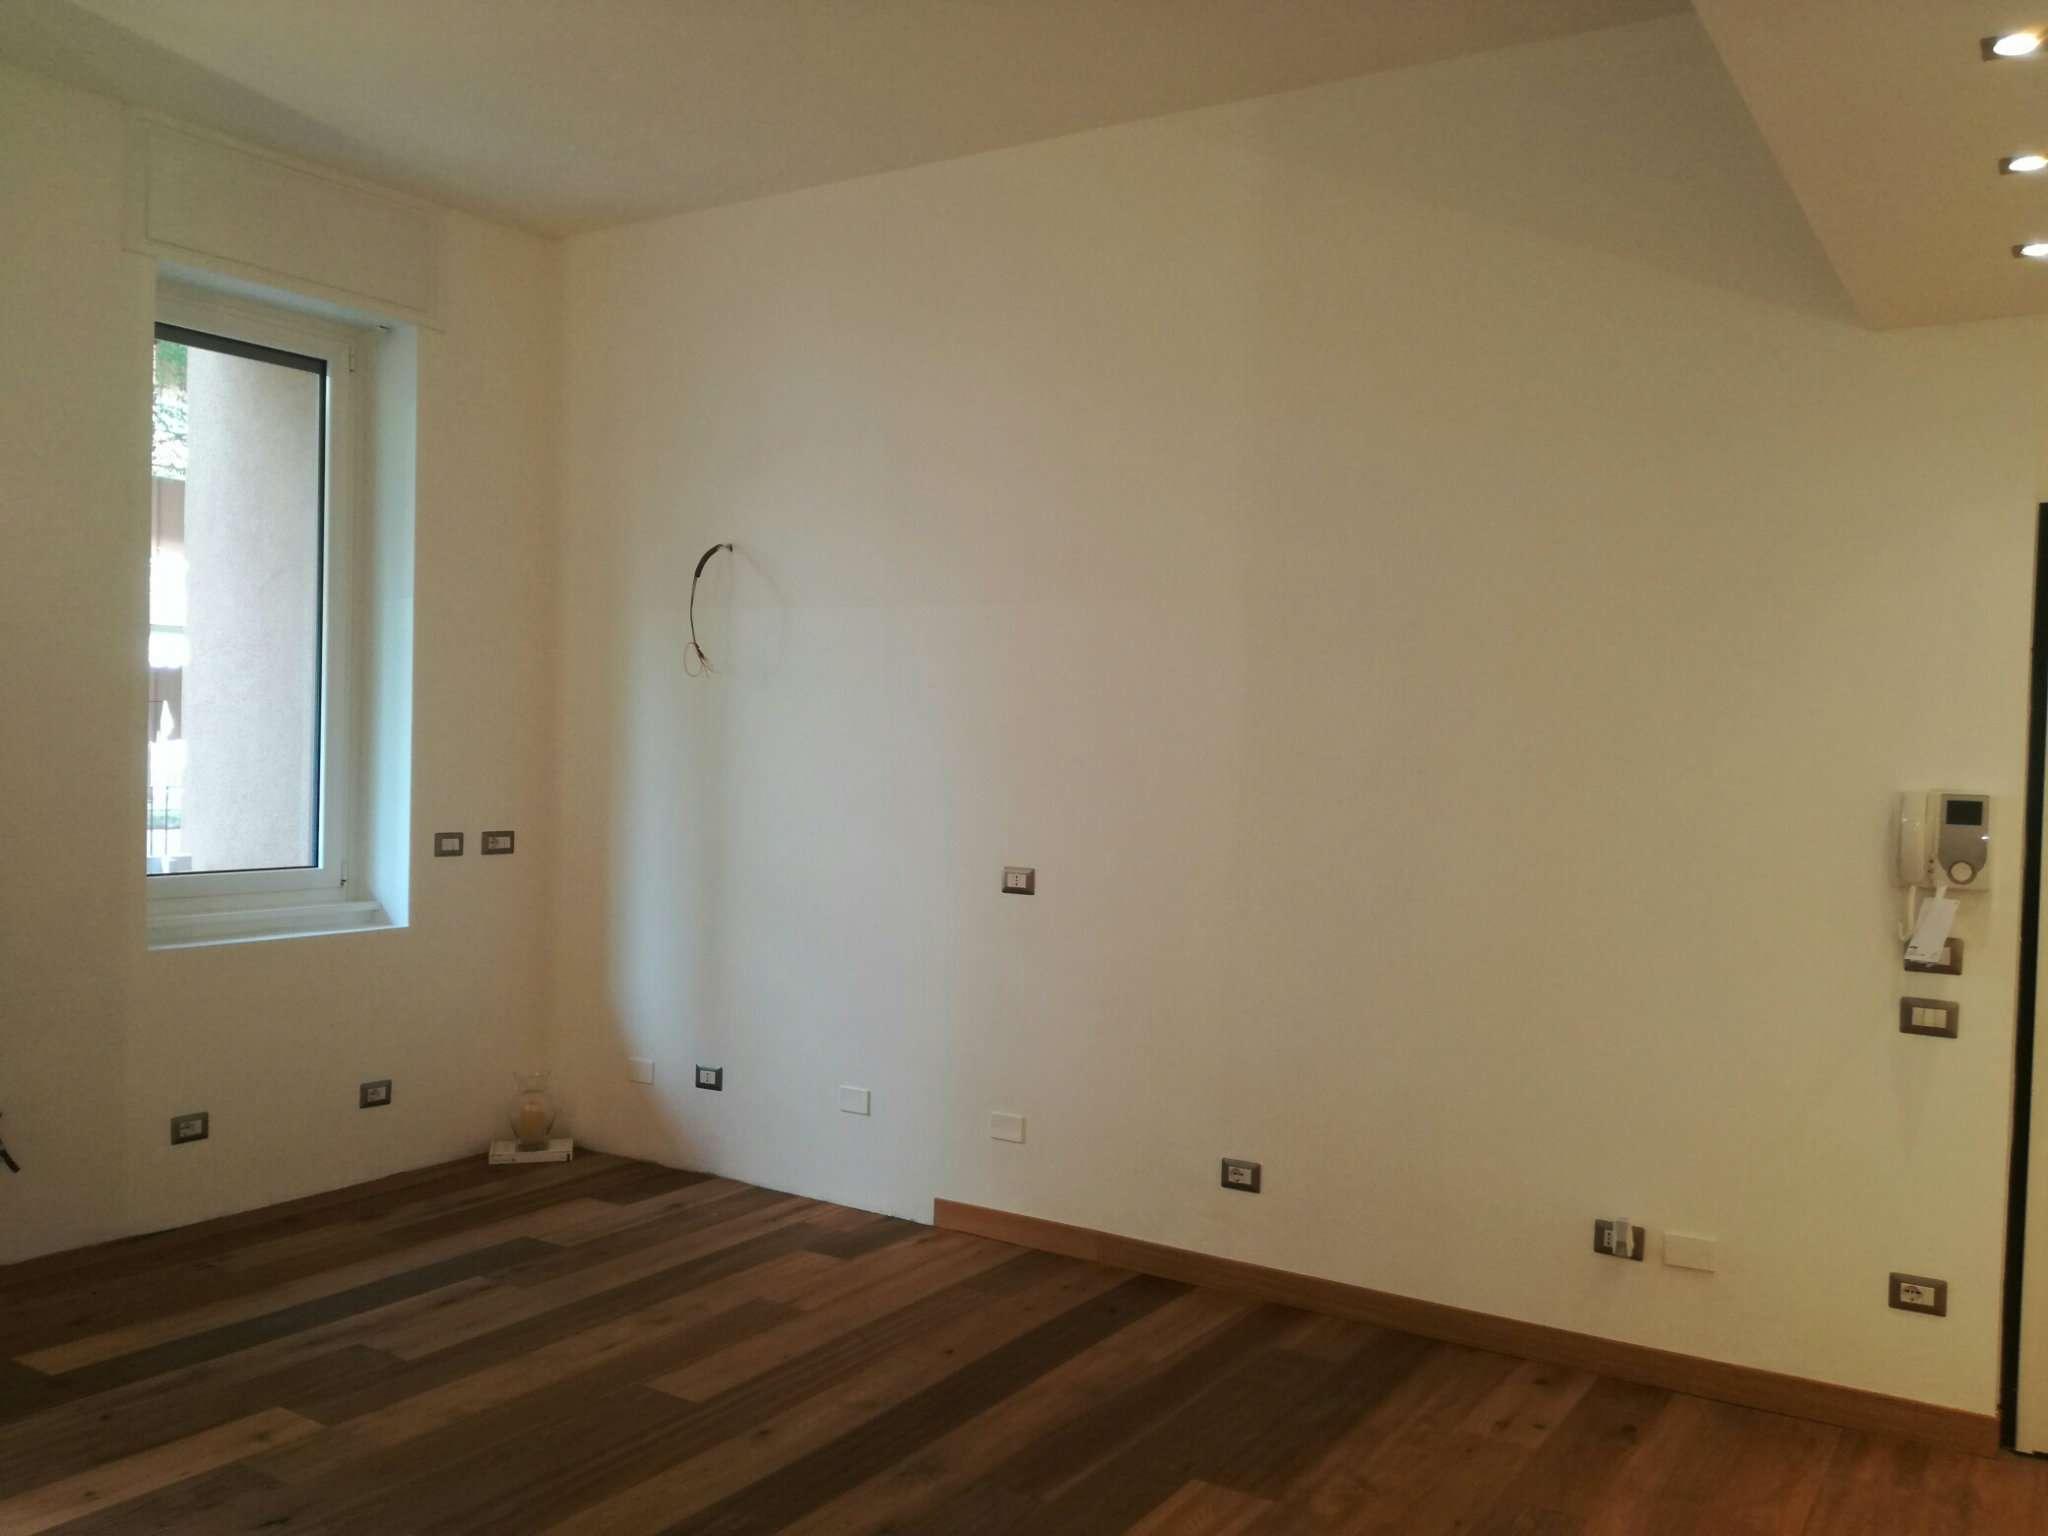 Appartamento in Vendita a Segrate: 2 locali, 63 mq - Foto 5